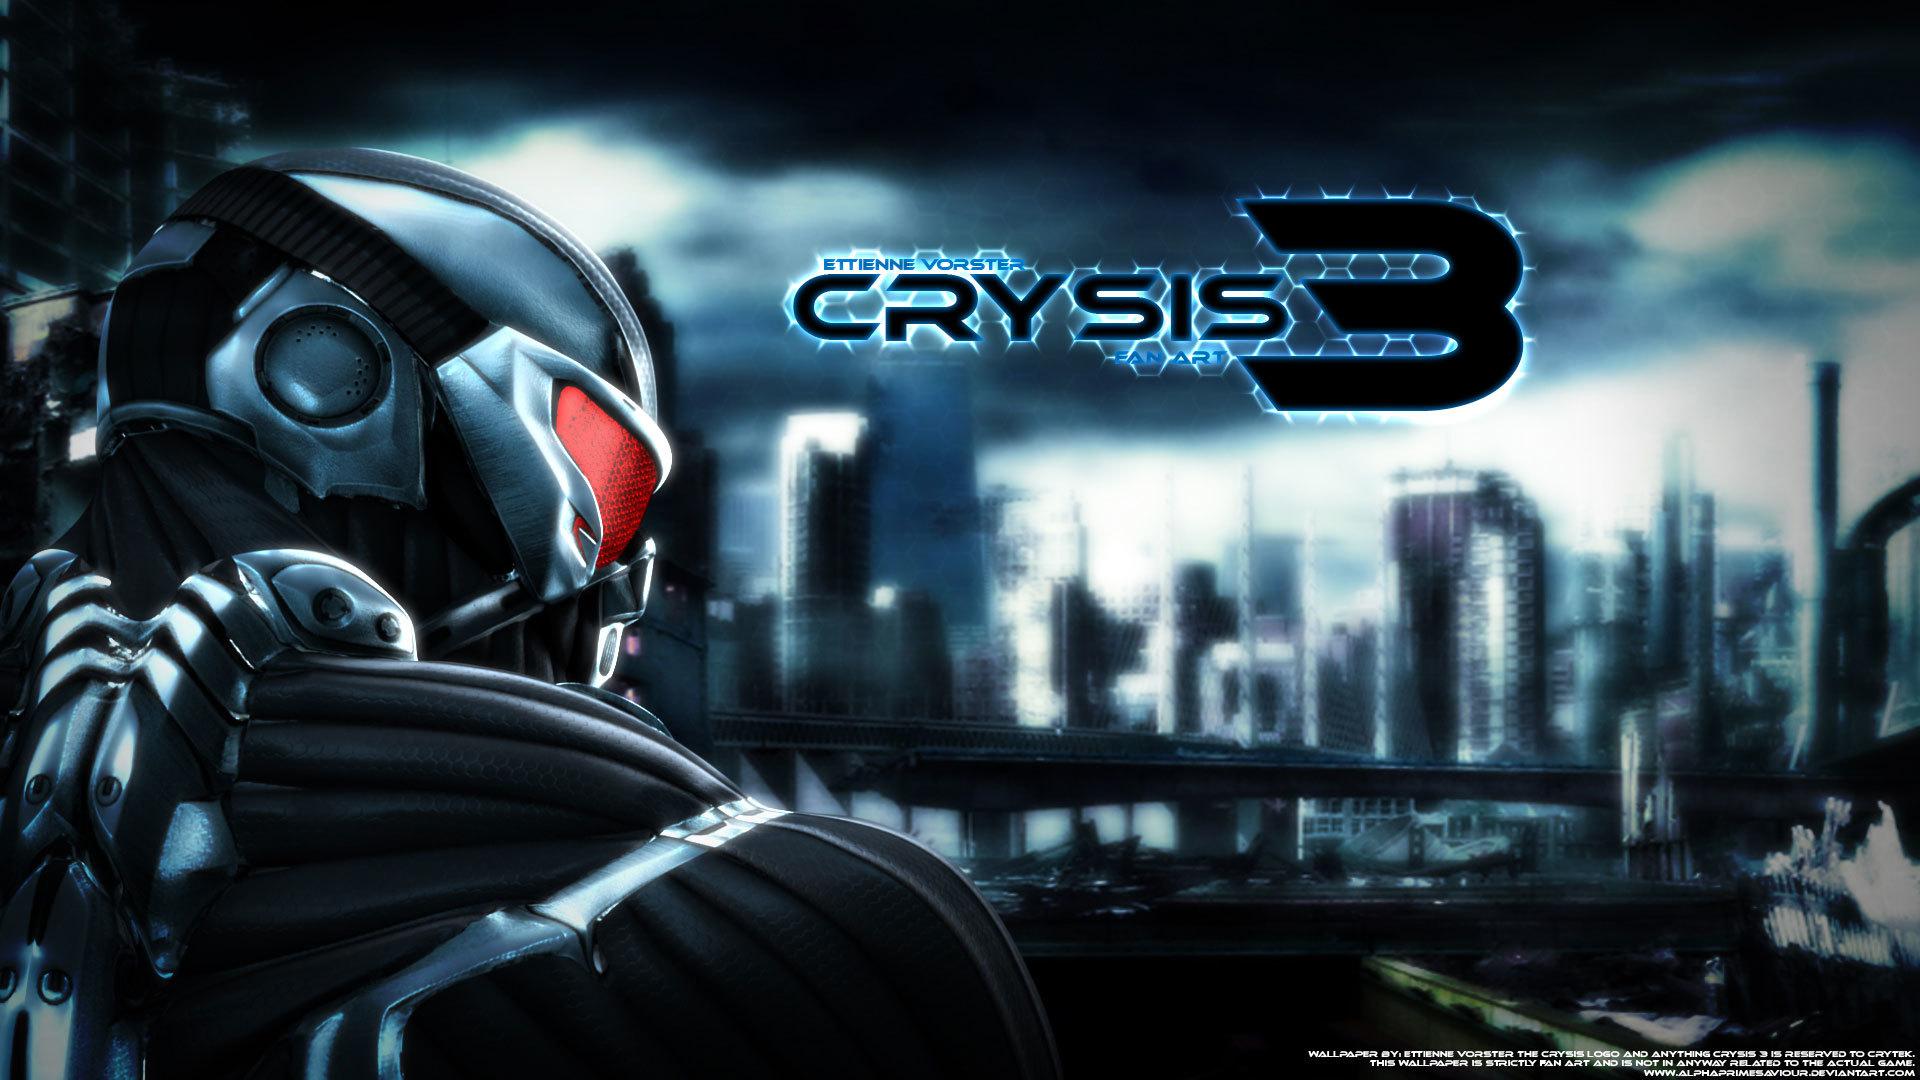 Crysis 3 Full HD Wallpaper